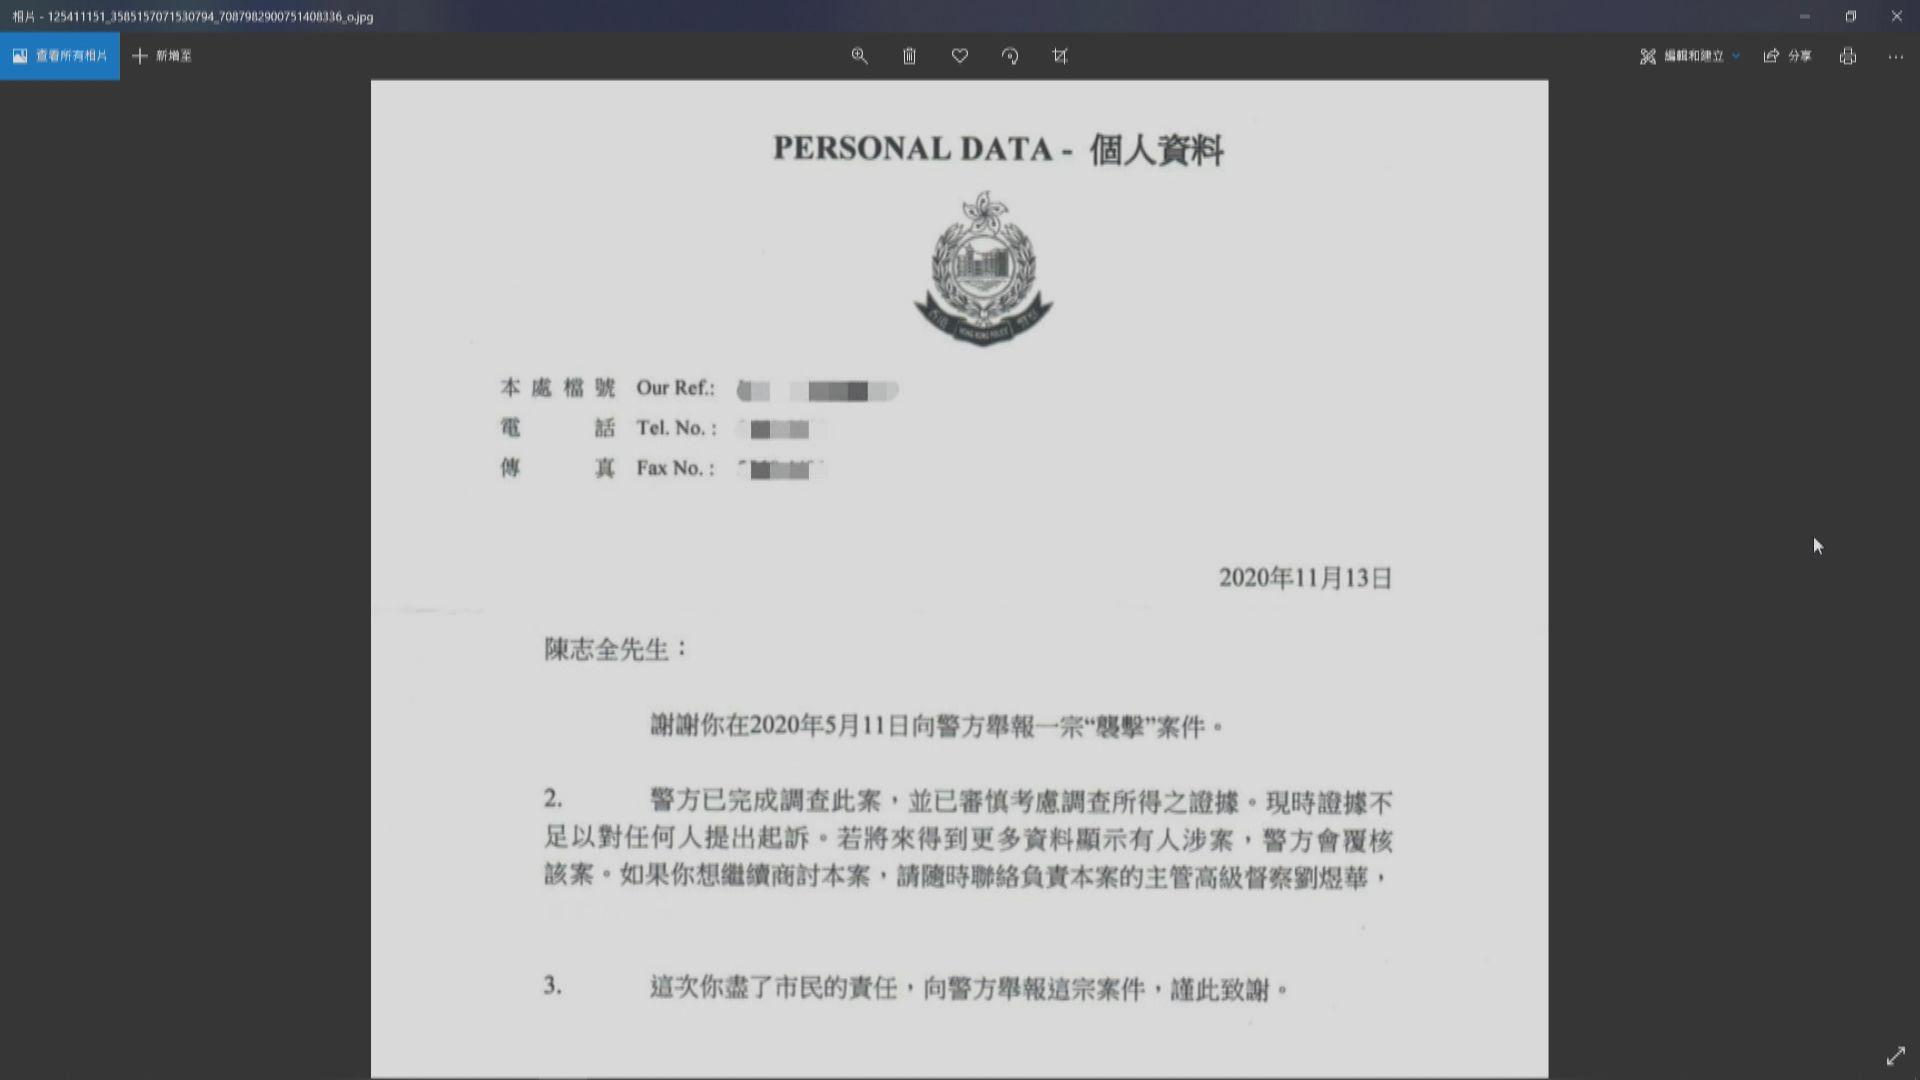 陳志全報警稱郭偉强襲擊 警指證據不足不起訴